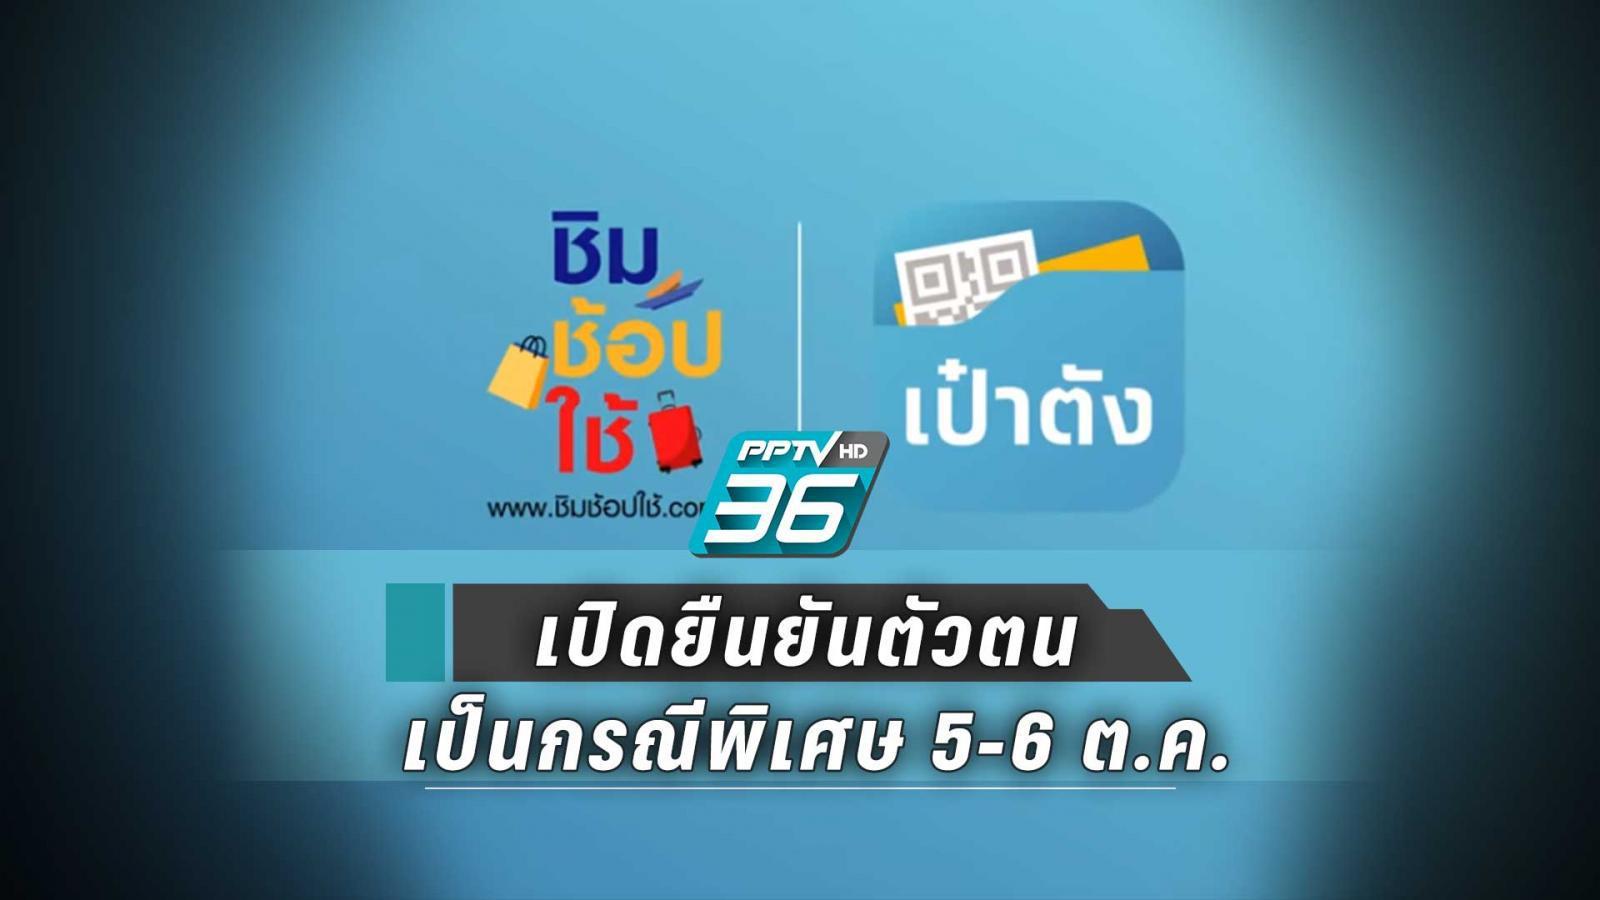 กรุงไทย แจ้ง เปิดยืนยันตัวตน เป็นกรณีพิเศษ 5-6 ต.ค.นี้